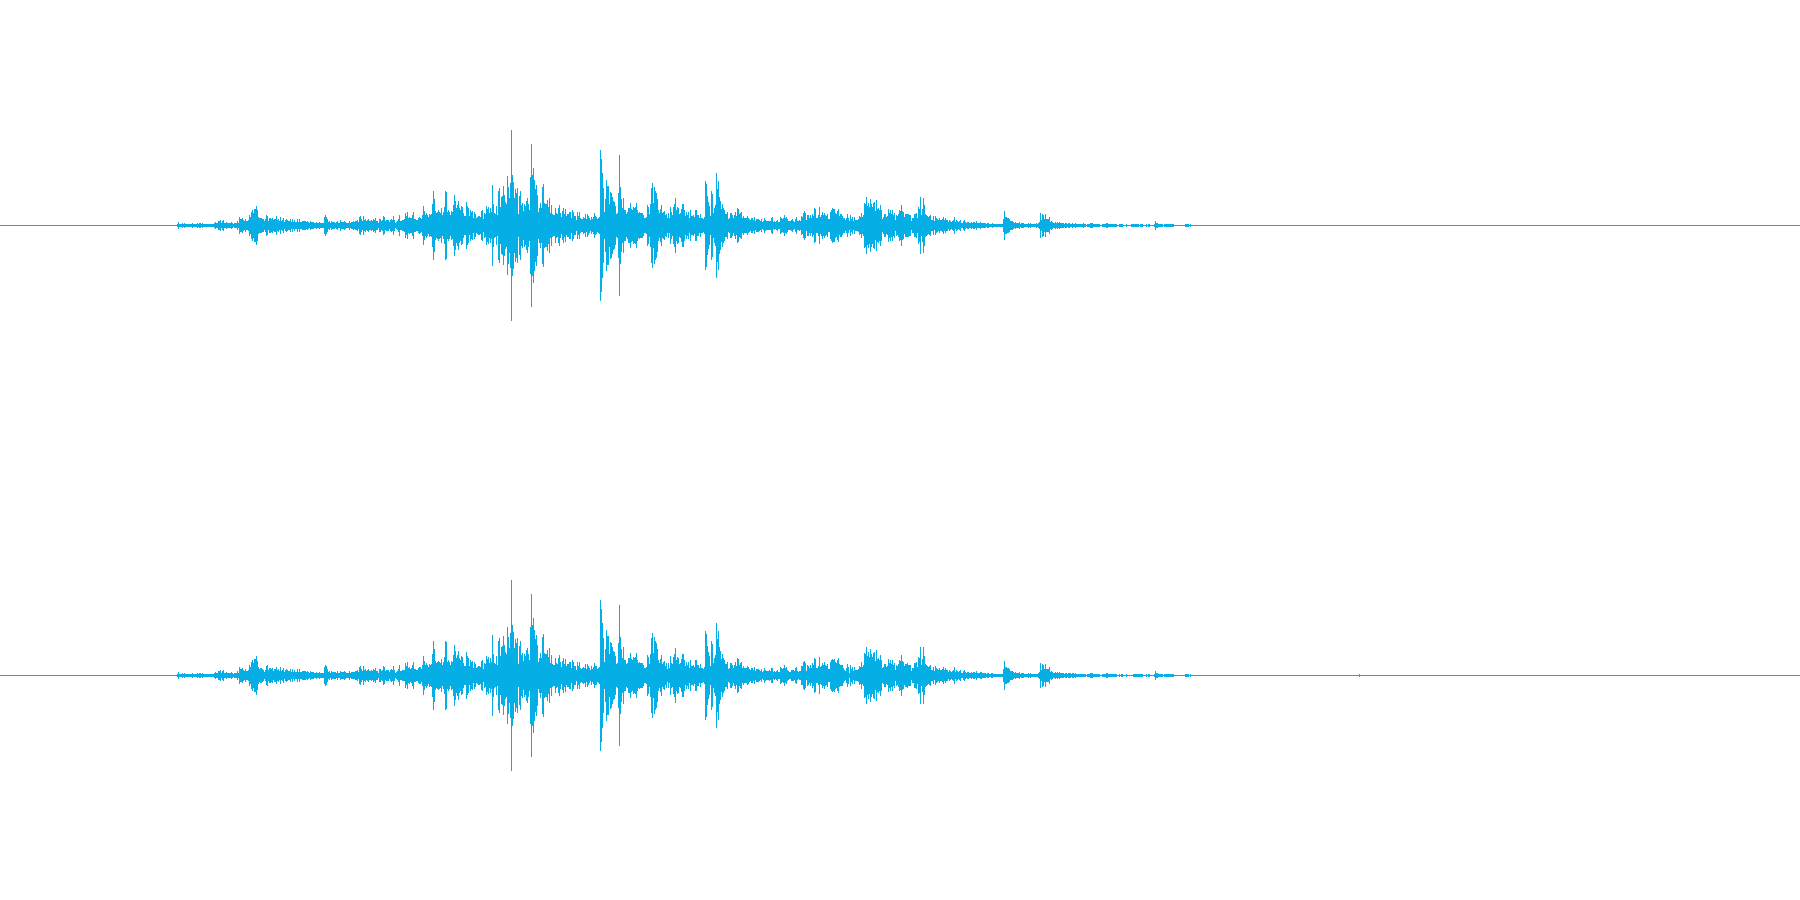 【新聞01-1(めくる)】の再生済みの波形